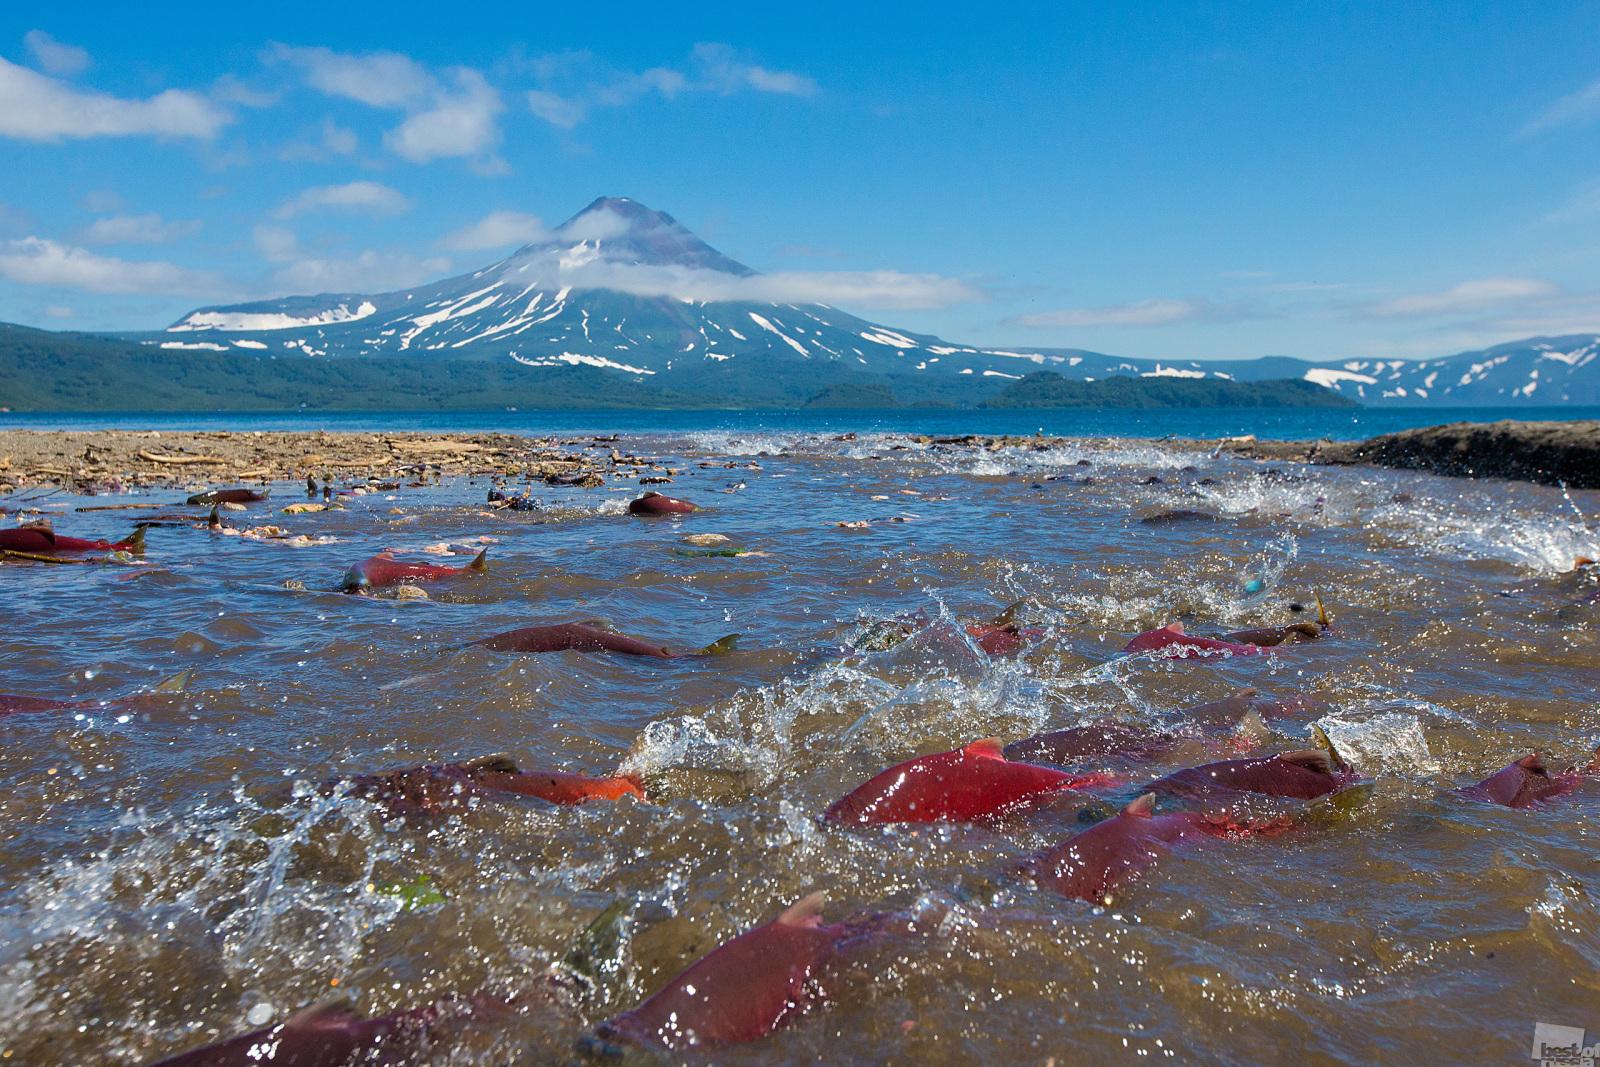 Wissenschaftler haben bis heute keine Antwort auf die Frage gefunden, warum der Lachs zum Laichen den Ort seiner Geburt aufsucht. Mehrere Millionen Rotlachse steuern jedes Jahr den Kurilensee an, sie schwimmen zurück zu ihrer Geburtsstätte, um sich fortzupflanzen und in der Nähe ihres Nestes von Eiern, die sie gerade abgelegt haben, zu sterben. Jedes Jahr unternimmt dieser unerschrockene Fisch eine lange, harte Reise vom Ozean zurück zu seiner Geburtsstätte. Er schwimmt dabei gegen den Strom und überwindet zahlreiche Hindernisse – um sein Leben der nächsten Generation zu schenken. Nationalpark Juschno-Kamtschatski, Region Kamtschatka.